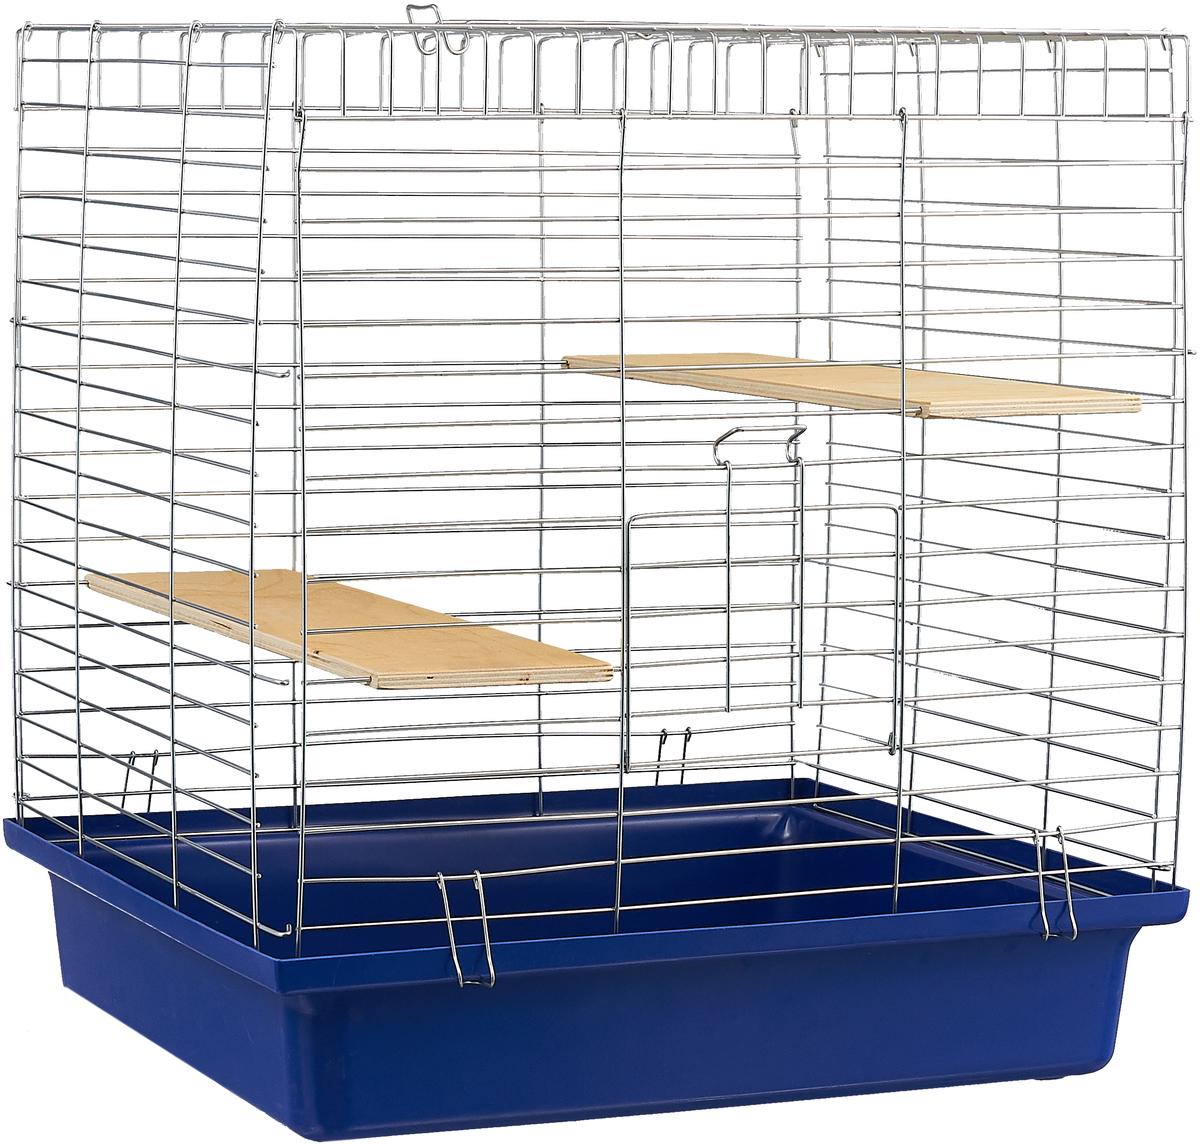 Клетка для шиншилл Велес Lusy Jerry, разборная, цвет: синий, 56 х 50 х 60 см ваза селадон династия мин 30 х 30 х 56 см